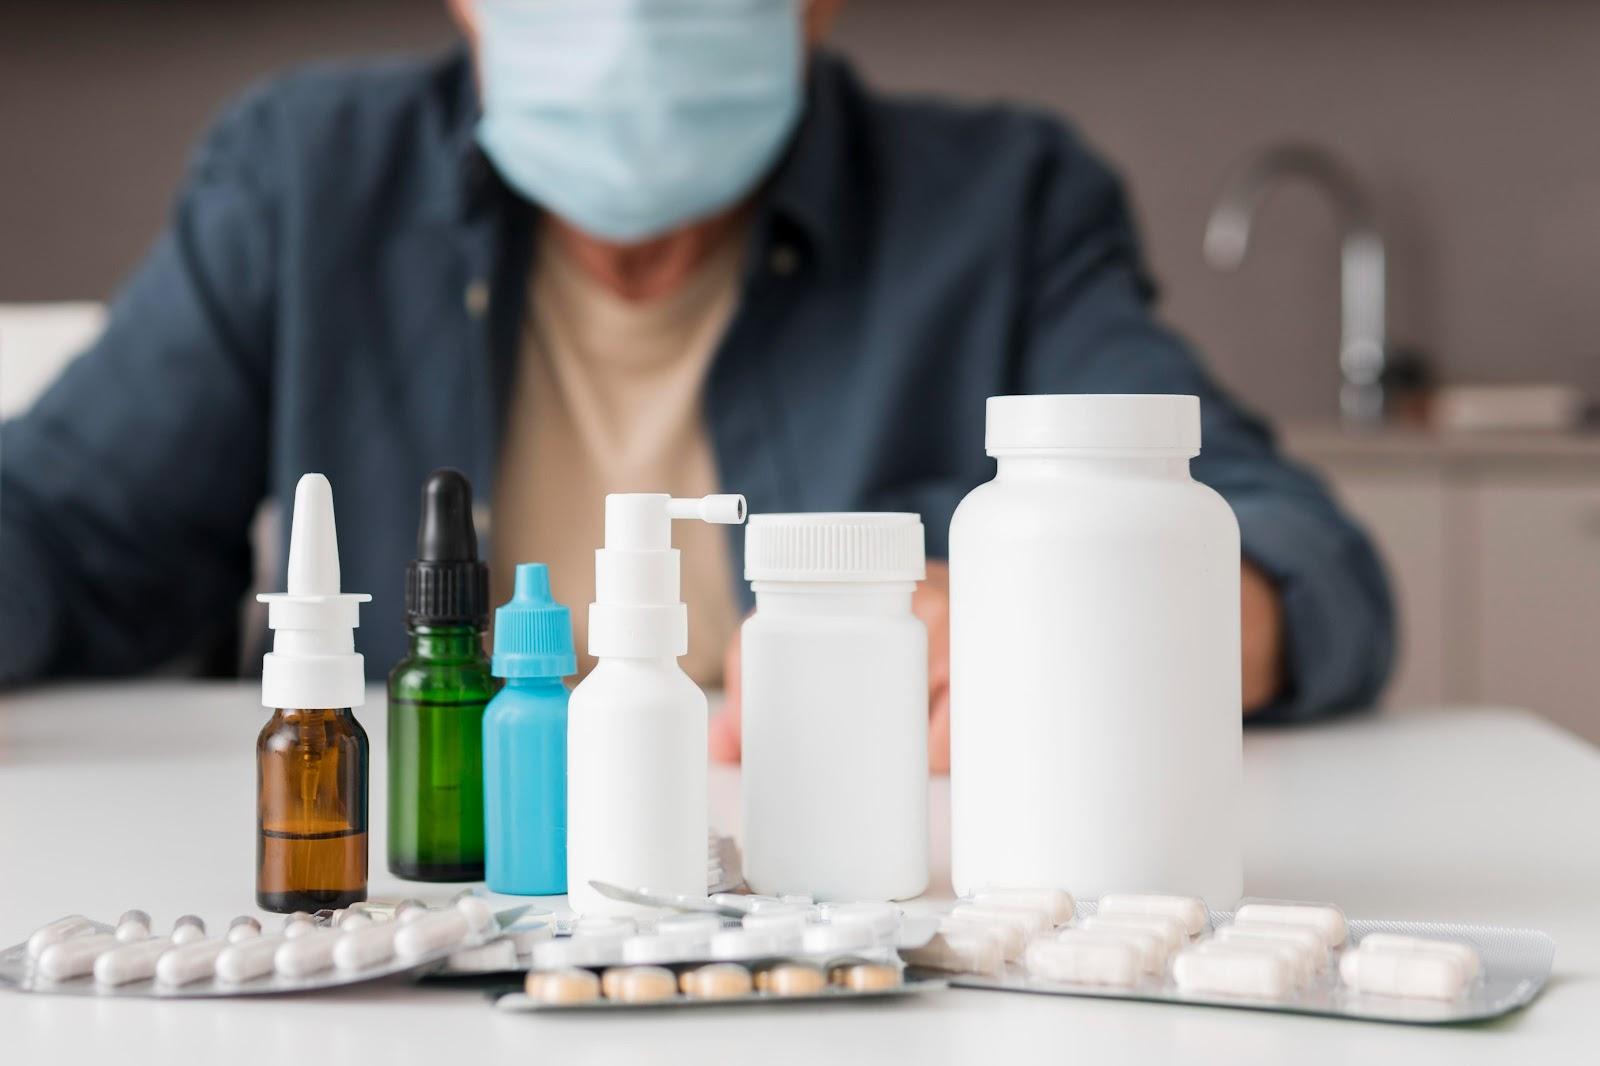 Medicamentos sem eficácia comprovada podem causar efeitos colaterais graves. (Fonte: Freepik)